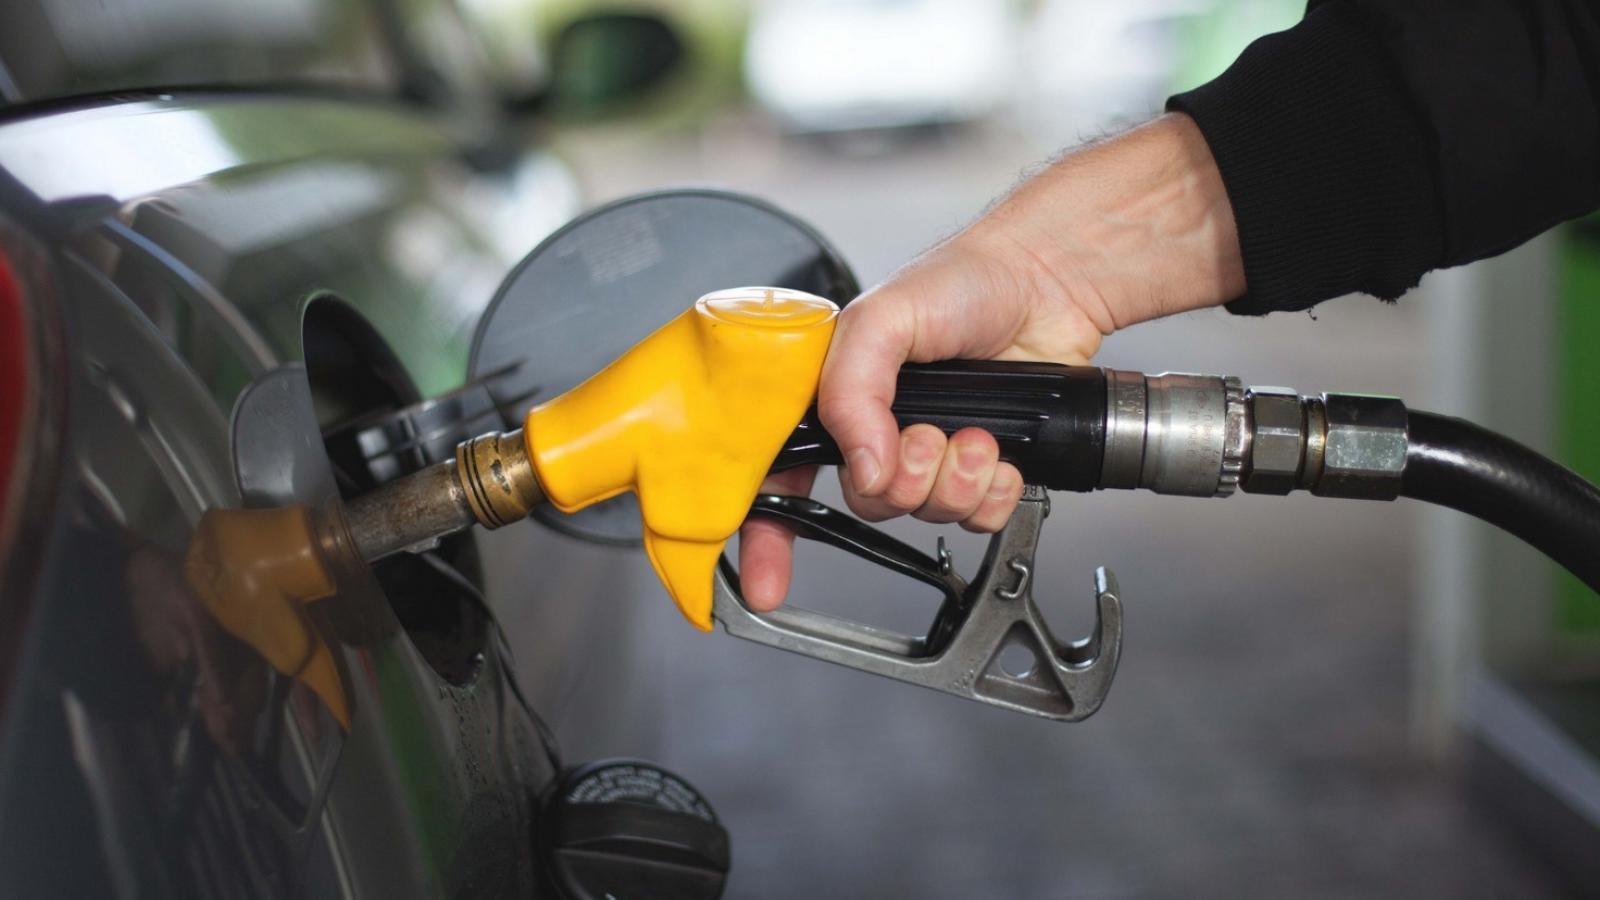 Что будет, если залить 92-й бензин вместо 95-го?